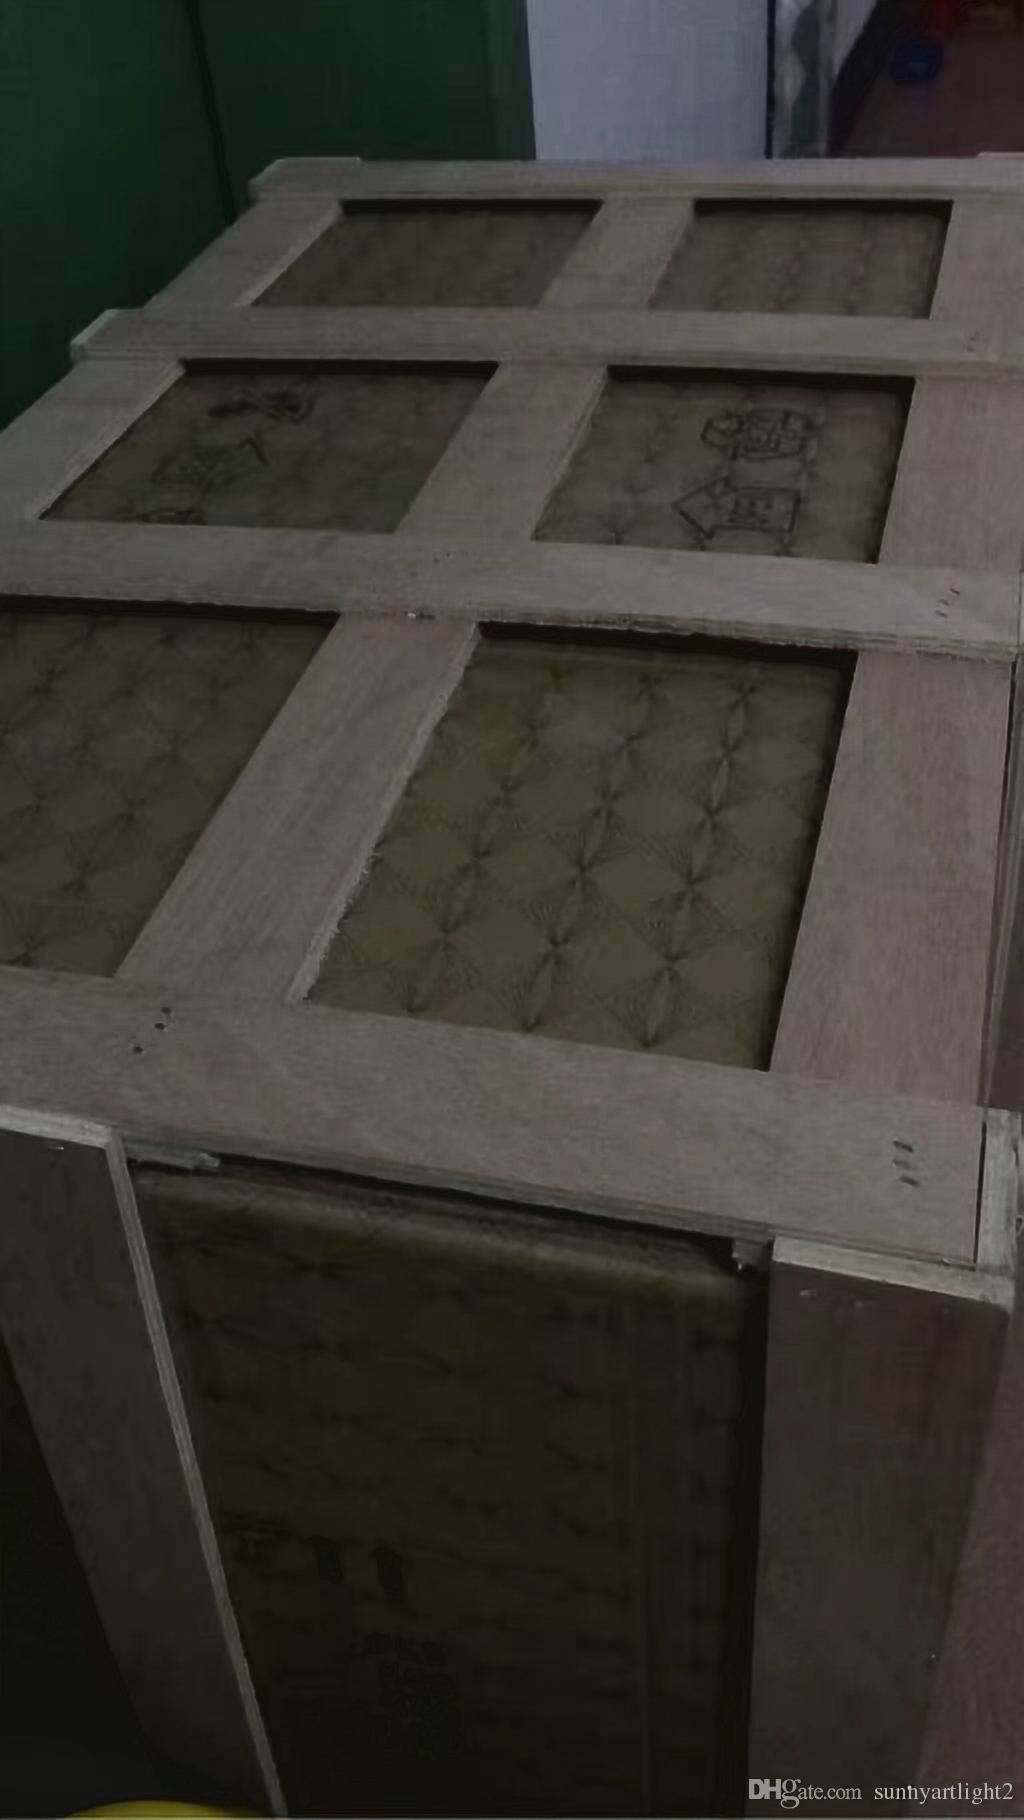 Luminária design moderno Sala Lâmpadas Lustres 100% soprado Borosilicate Chihully Estilo Murano Mão vidro fundido Chandelier